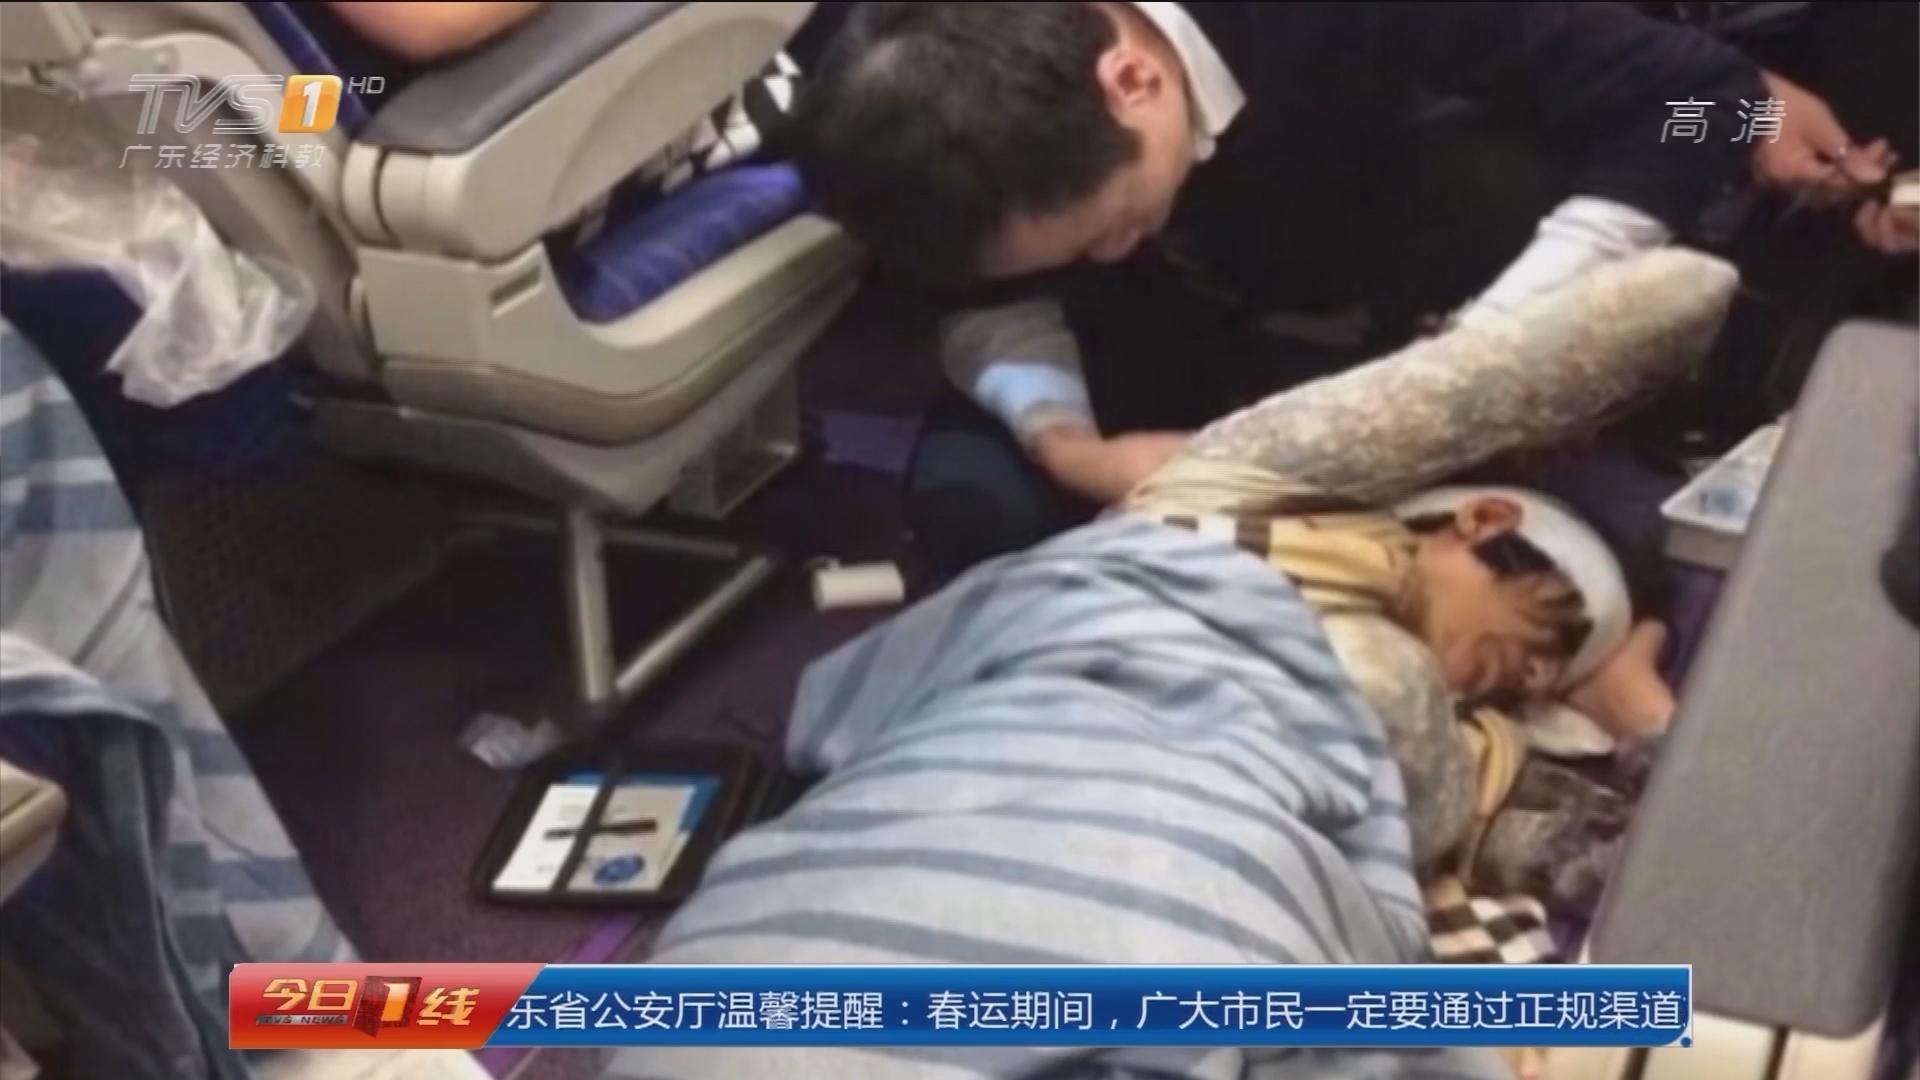 """系列专栏""""温度"""" 乘客突发意外 万米高空生死营救"""